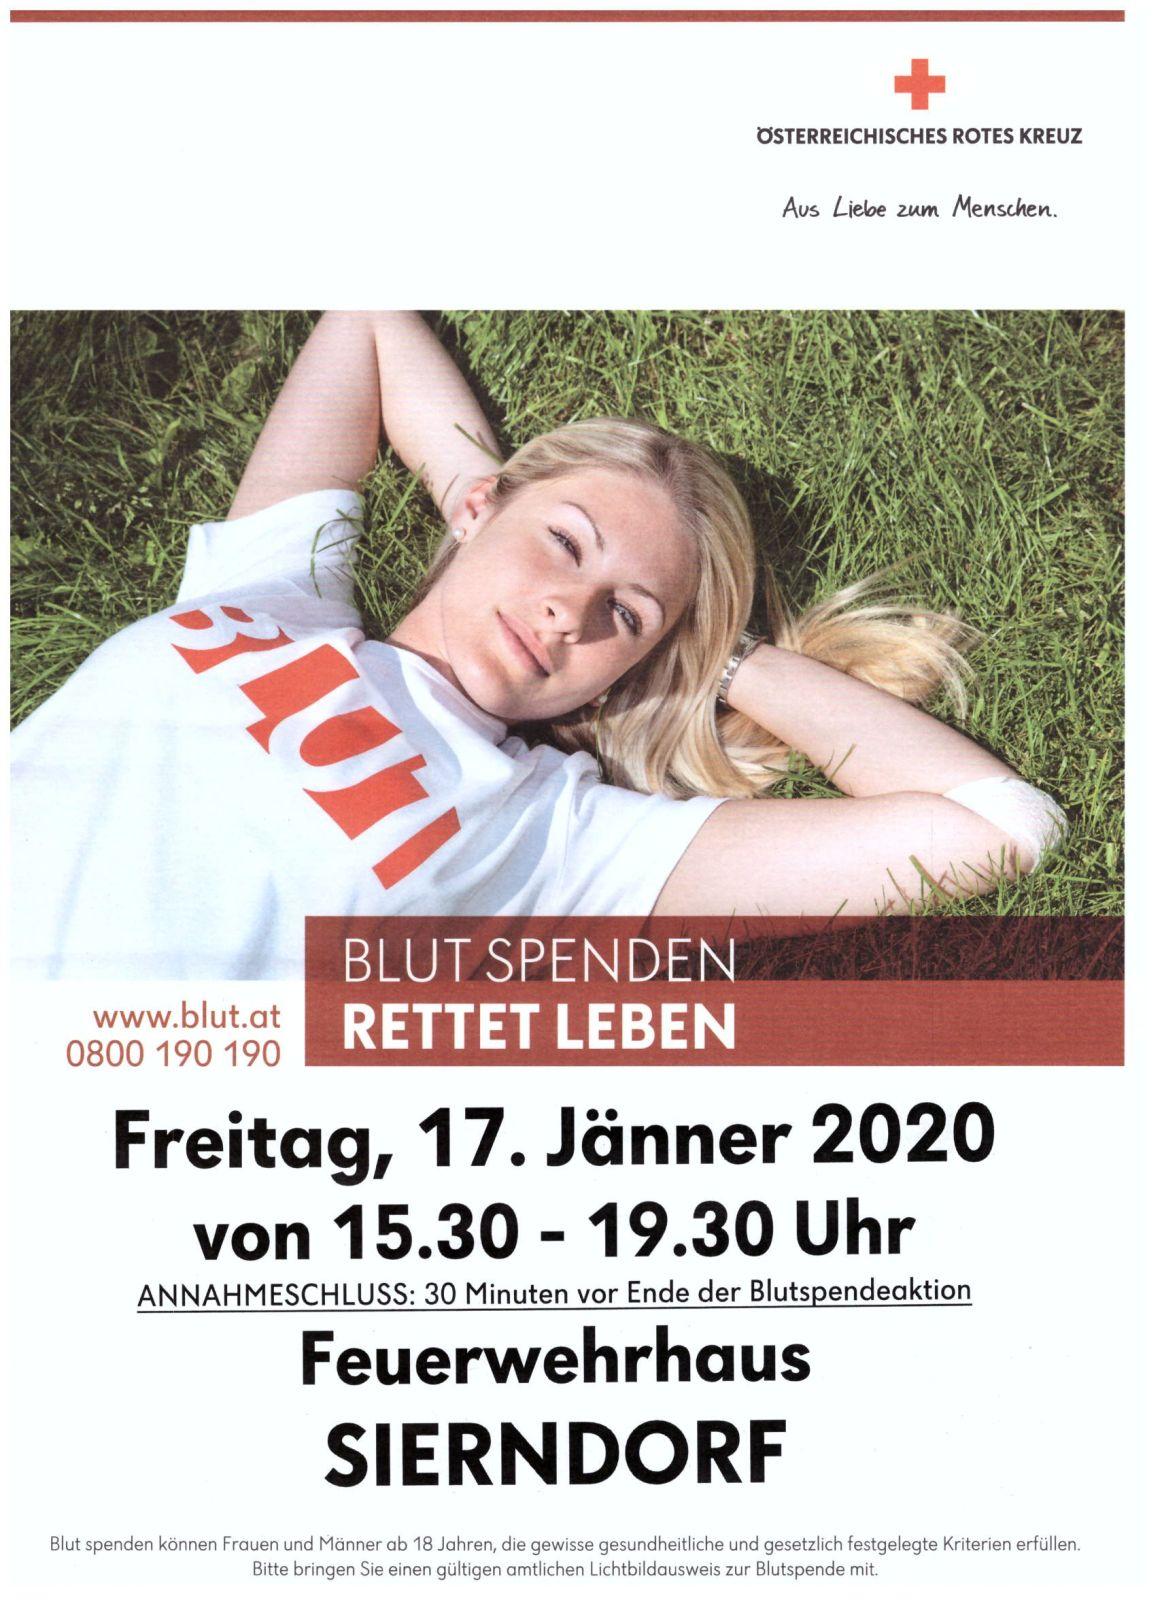 Sierndorf dating service Wieselburg-land mnner kennenlernen